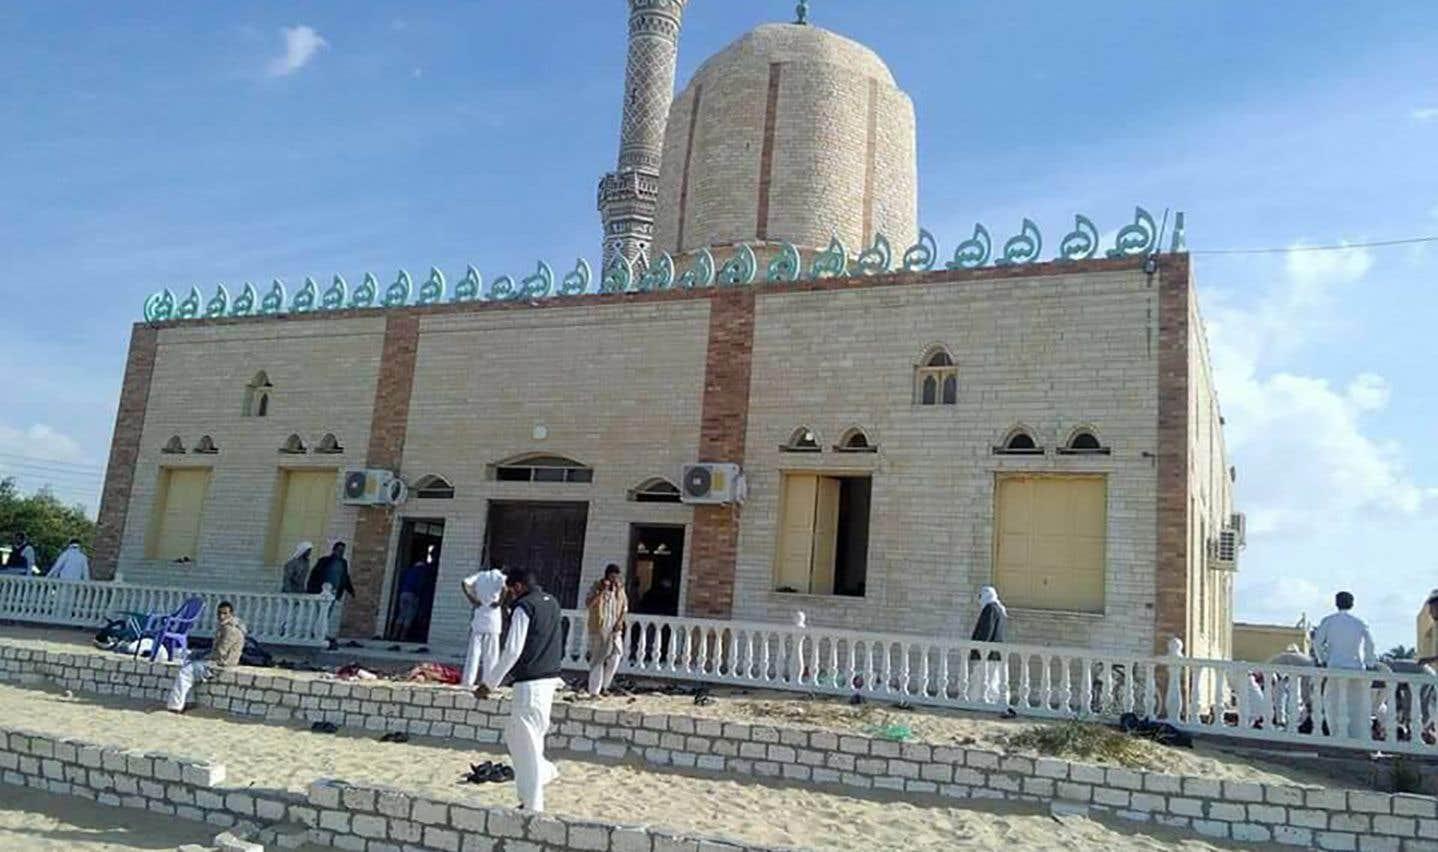 Elle s'est produite autour de la mosquée Al-Rawda dans le village de Bir al-Abed, à l'ouest d'Al-Arich, la capitale de la province du Nord-Sinaï.